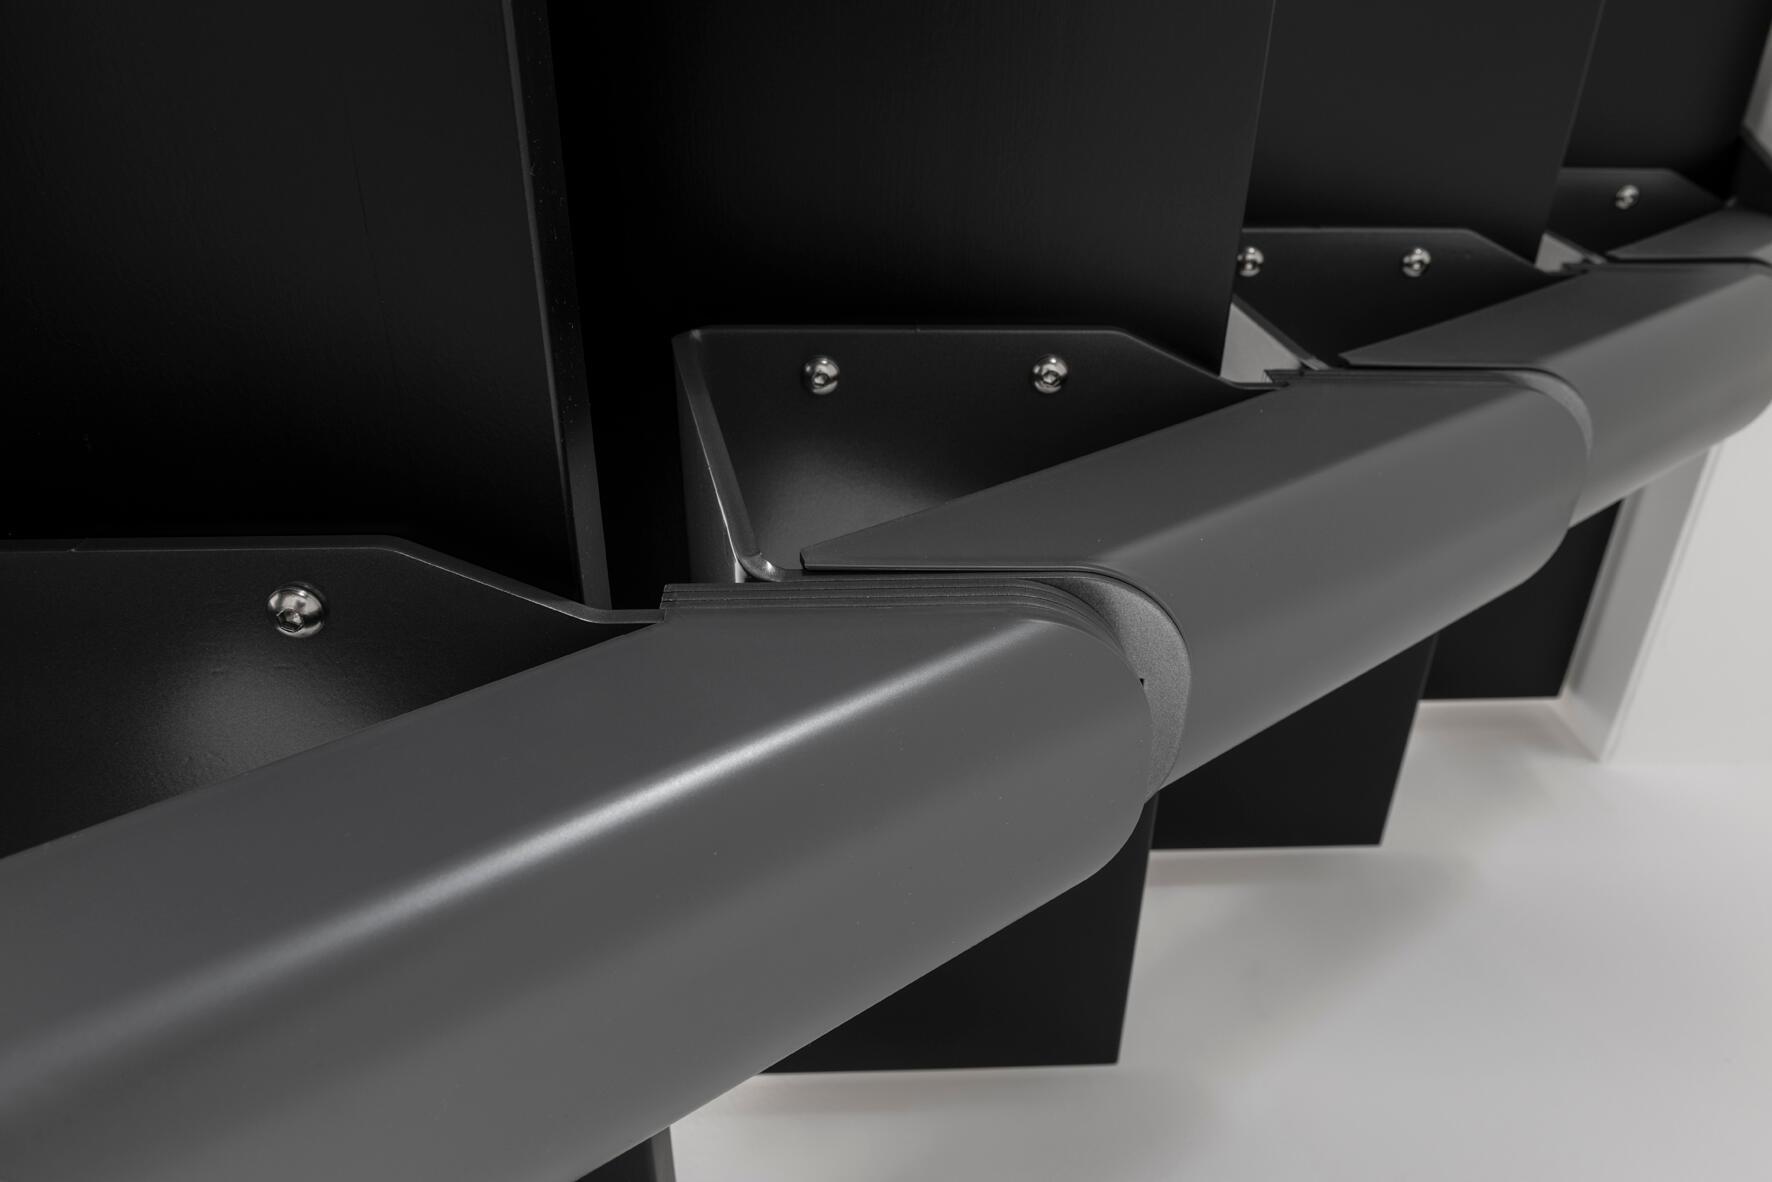 Scala a rampa 1/4 di giro Mas FONTANOT L 85 cm, gradino grigio antracite scuro, struttura antracite - 19